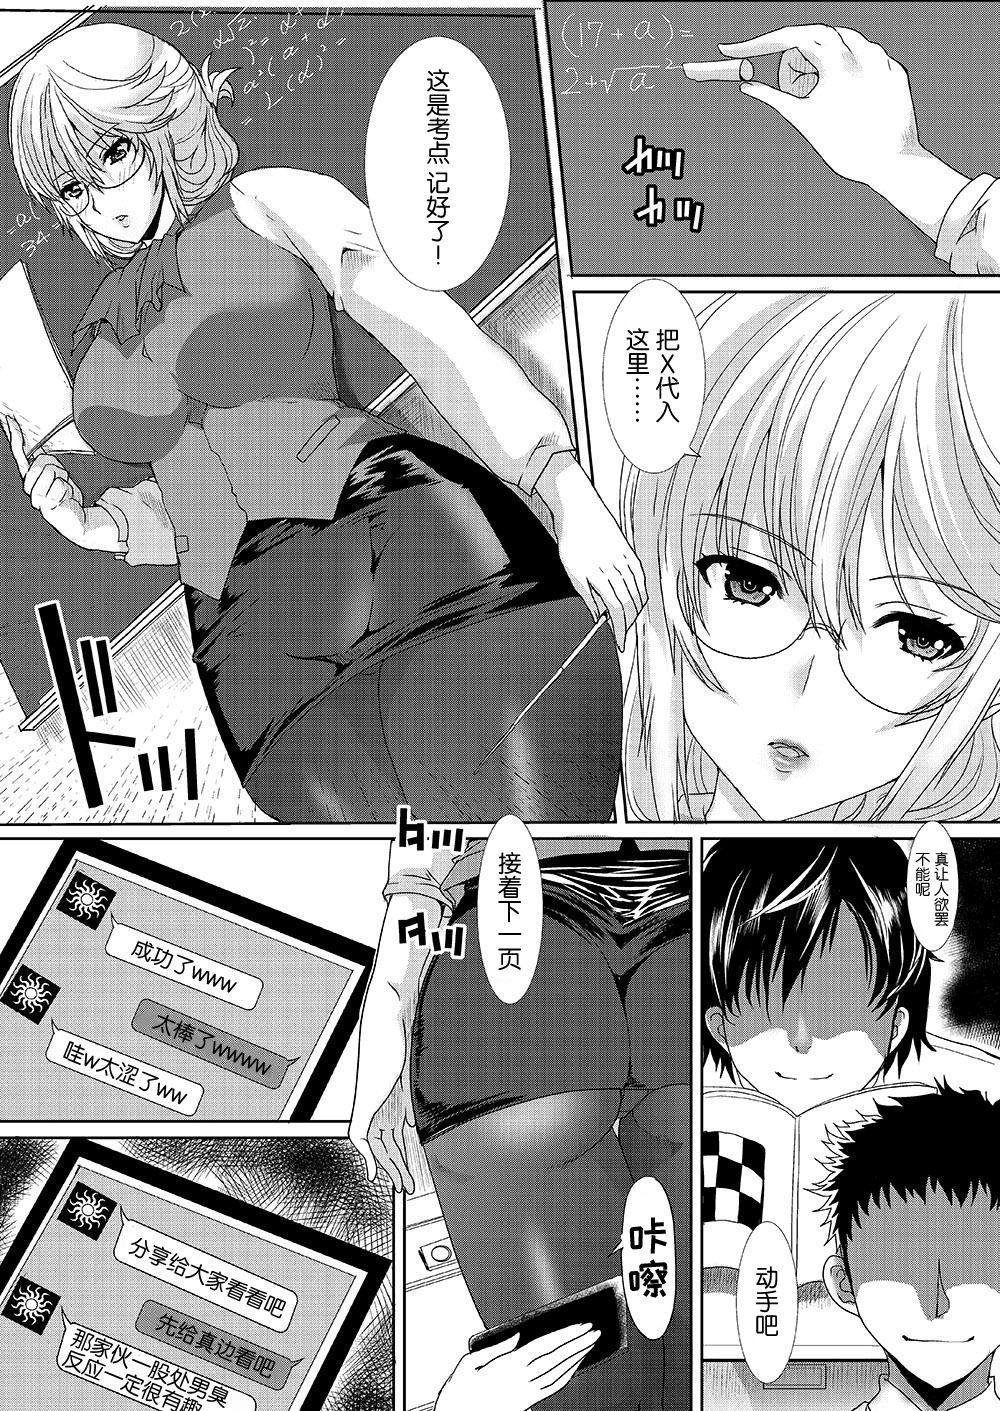 [Neko to Hato (Hatoya Mameshichi)] Akogare no Josei (Sensei) wa Chikan Densha de Choukyouzumi Deshita 1 [Chinese] [不可视汉化] [Digital] 3